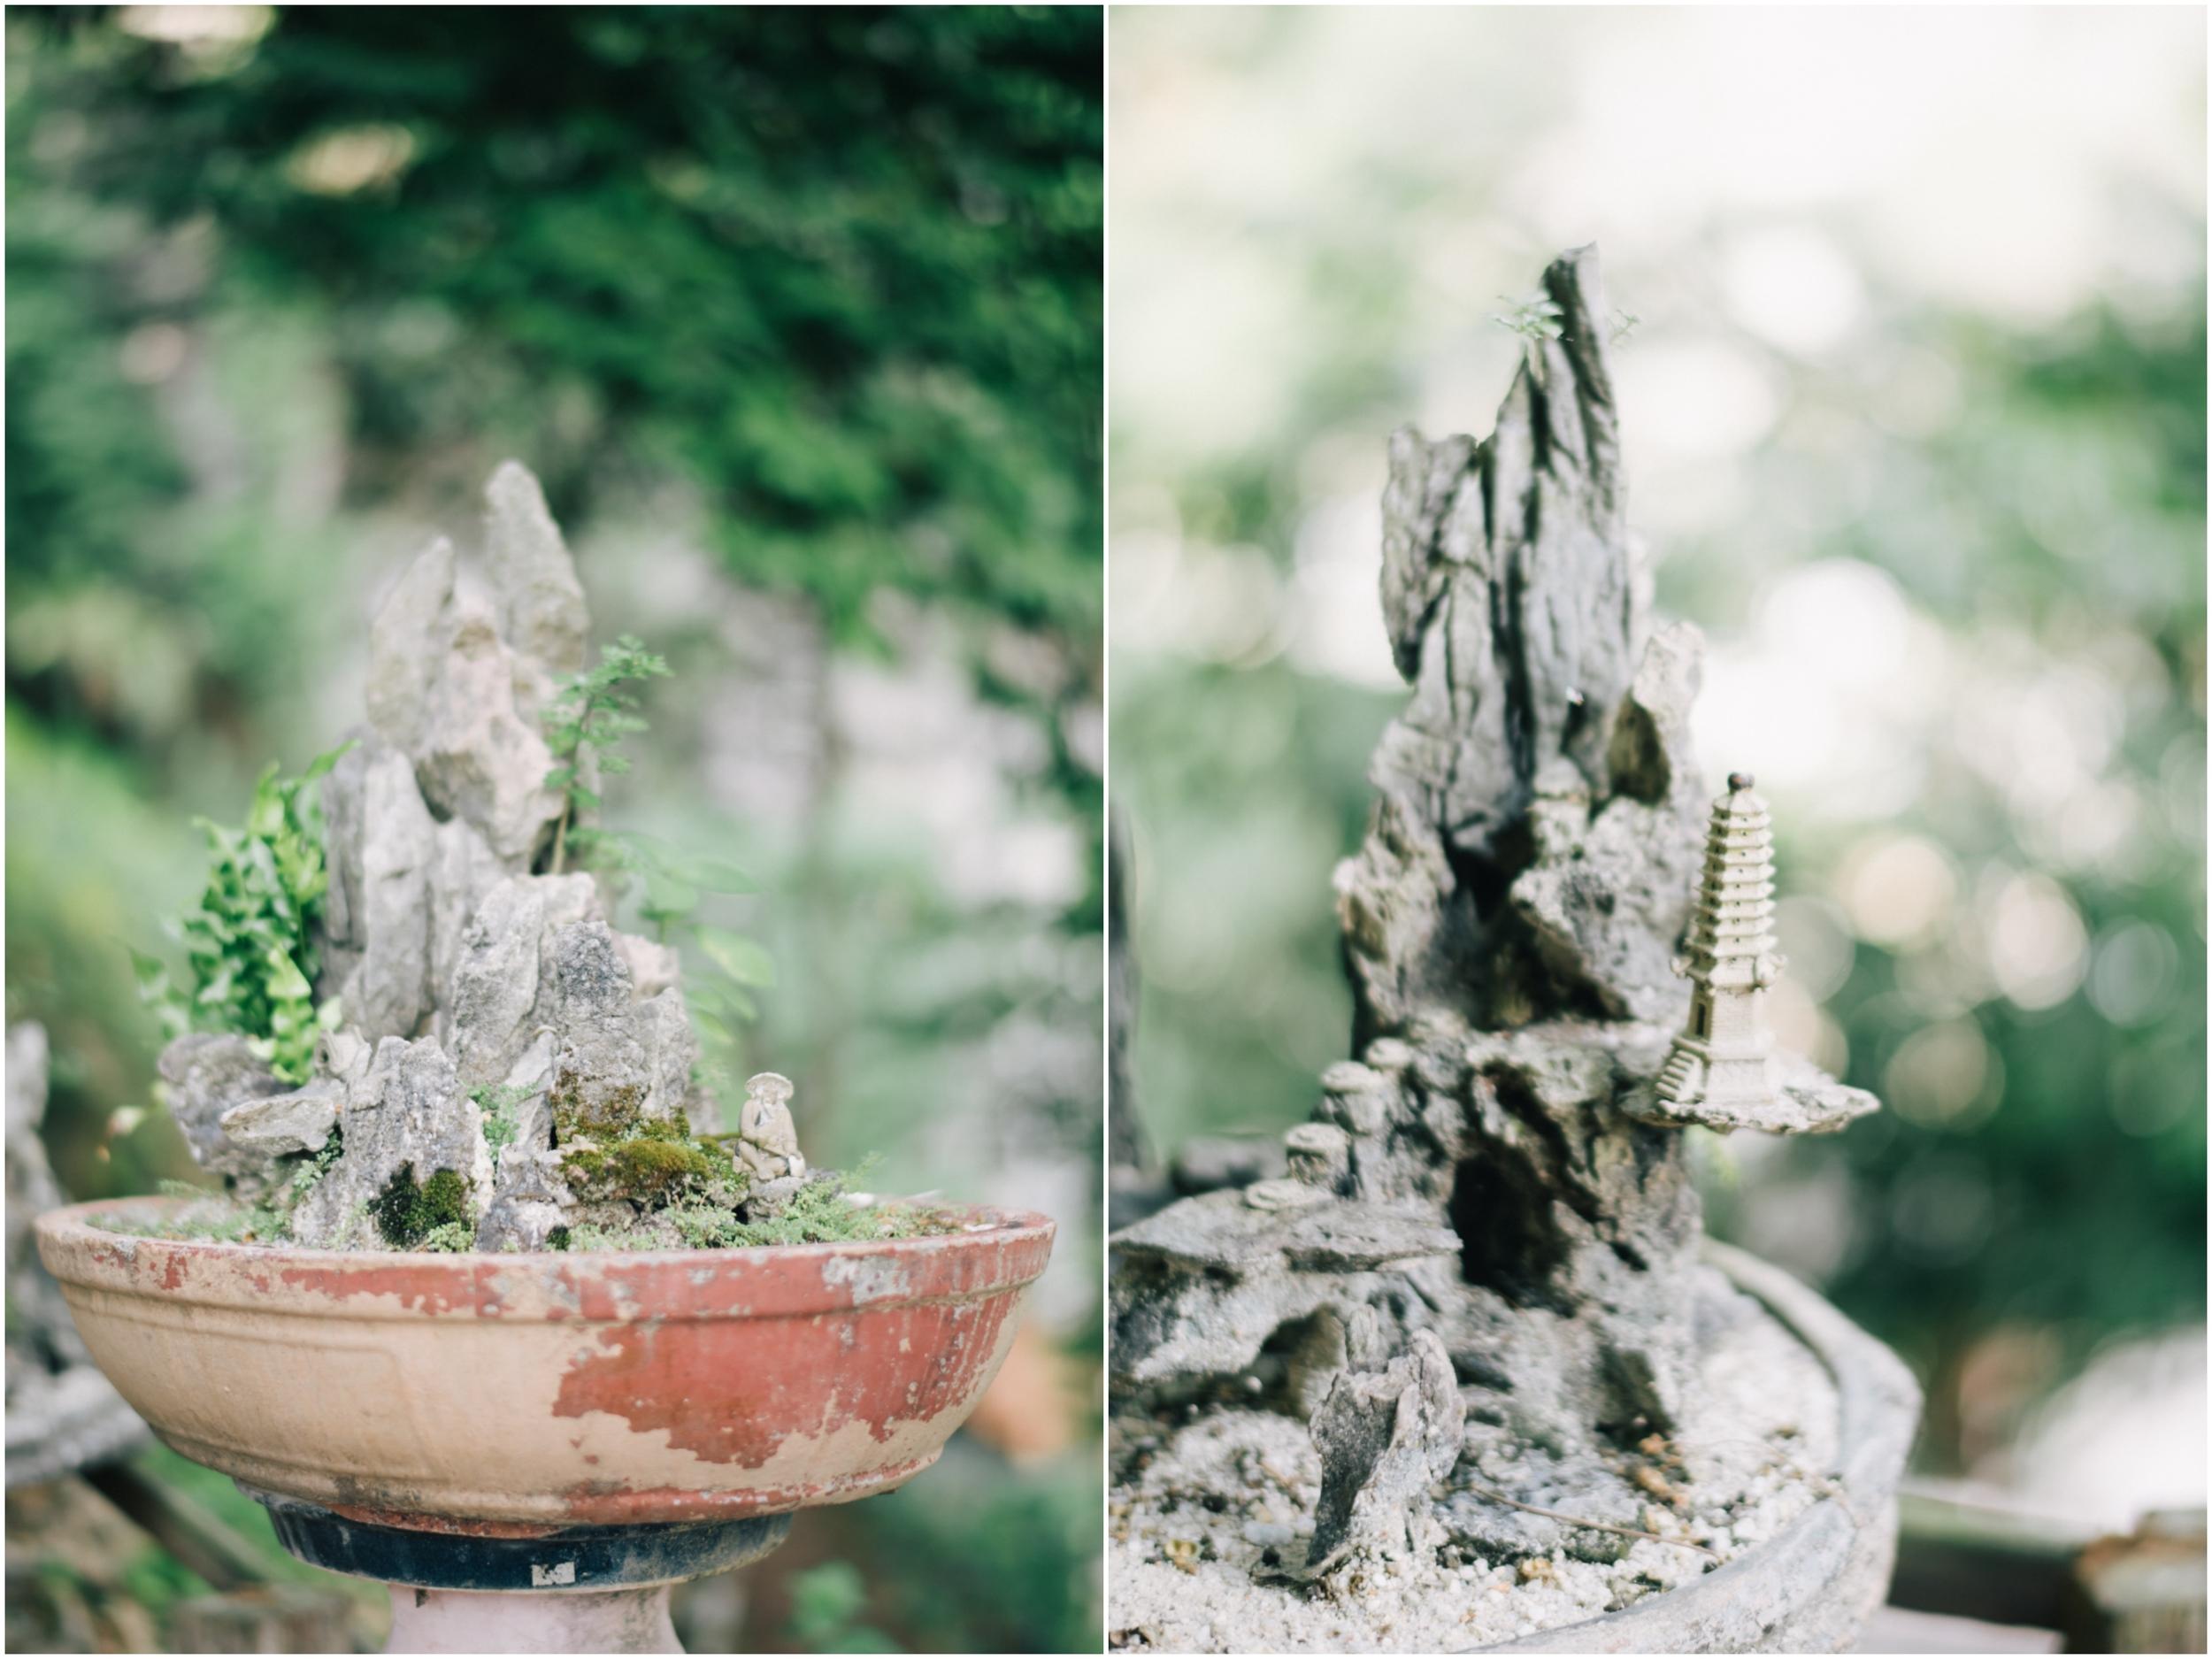 Collage_Fotorvrvr.jpg